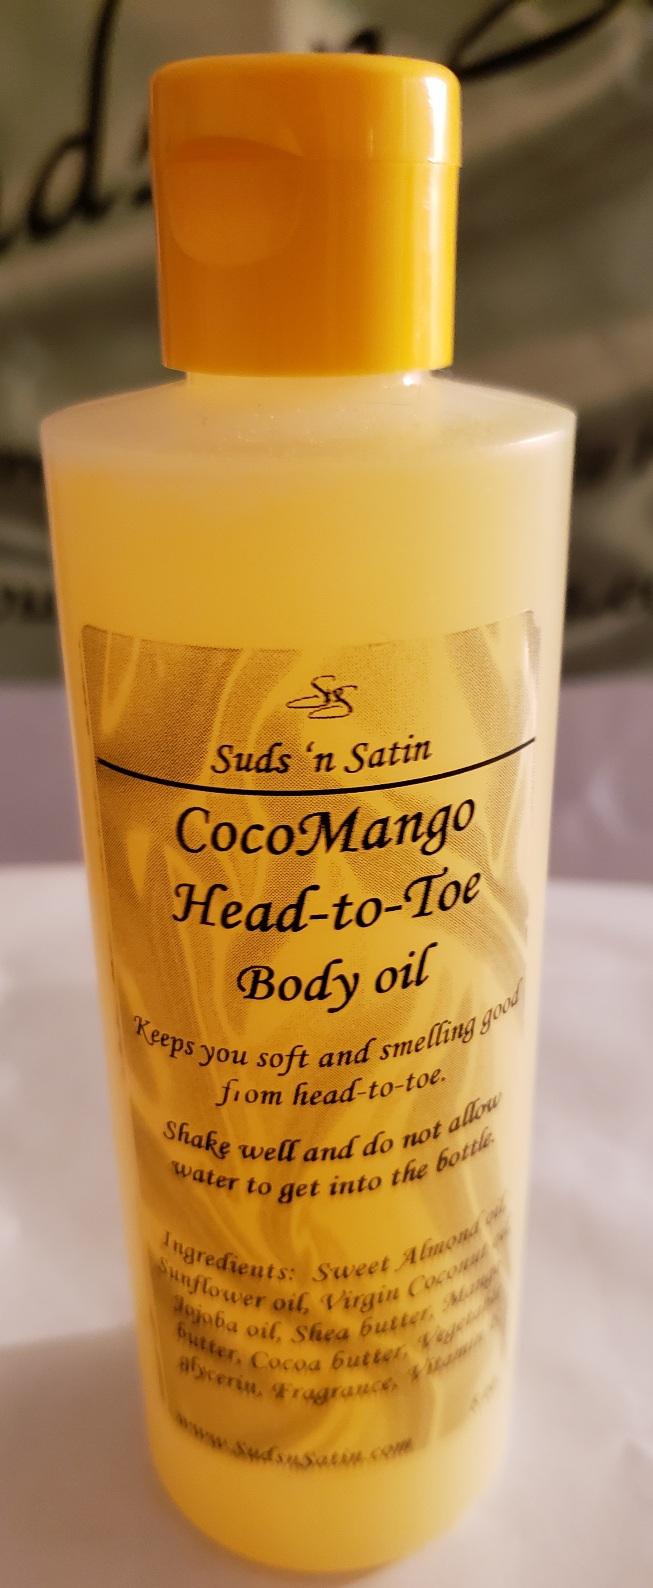 CocoMango Head-to-Toe body oil